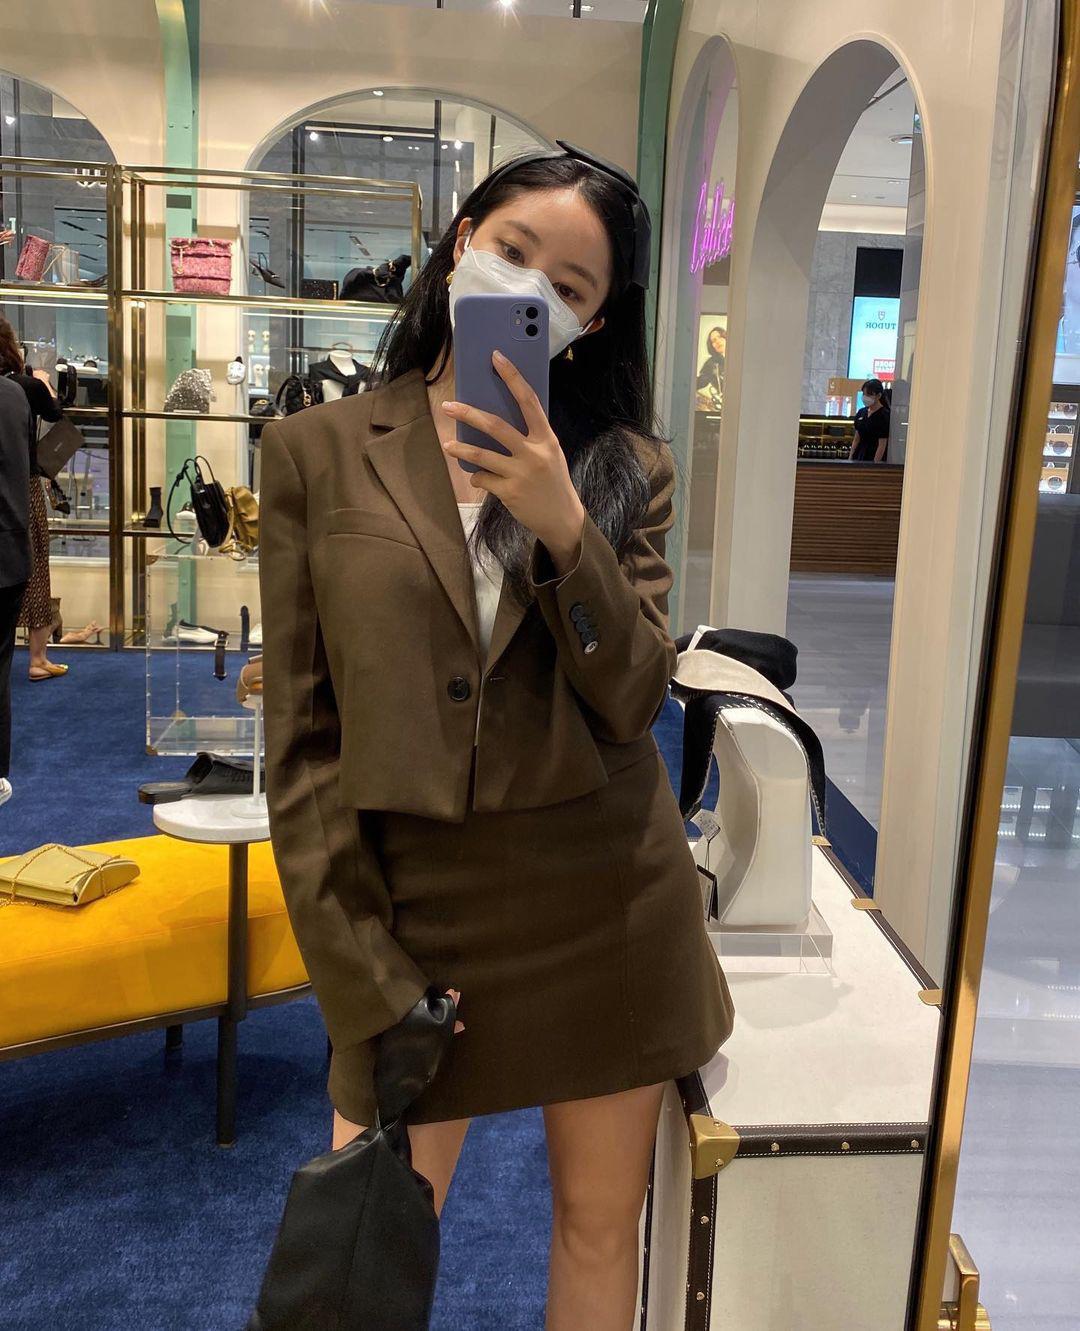 Đồ Zara, H&M sao Hàn sắm đợt này: Tân binh nhà SM diện đồ rẻ mà sang như hàng hiệu - Ảnh 4.